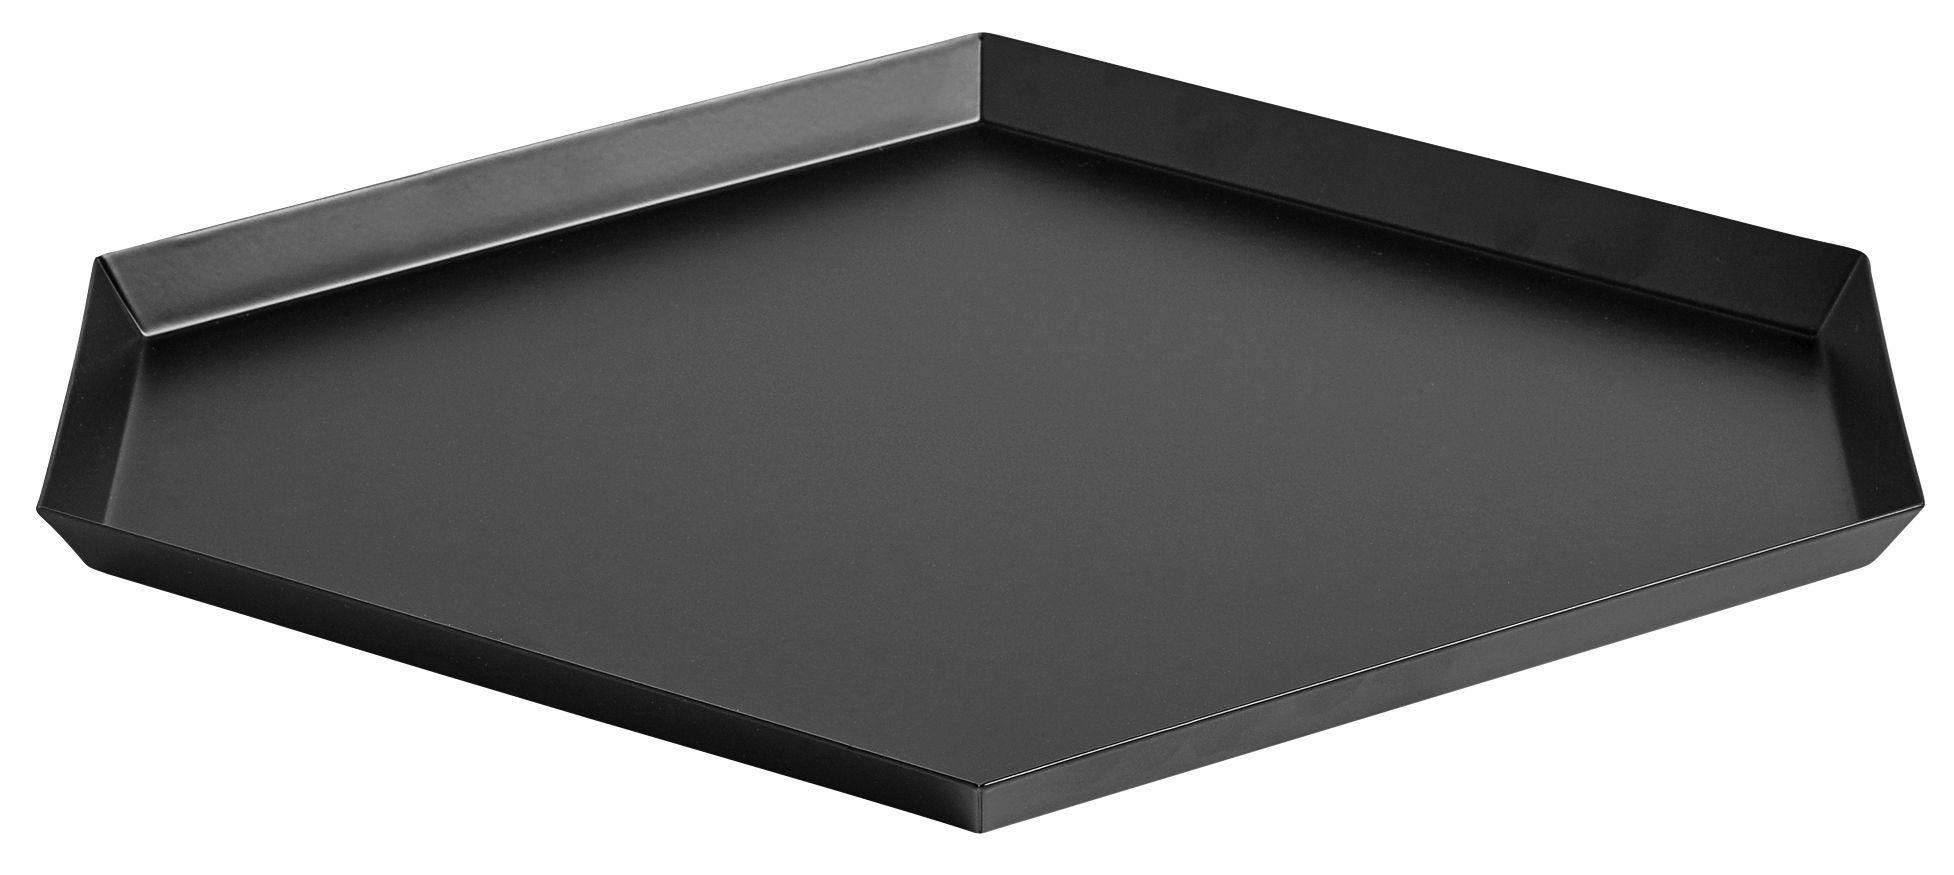 Arts de la table - Plateaux - Plateau Kaleido Large / 39 x 34 cm - Hay - Noir - Acier peint